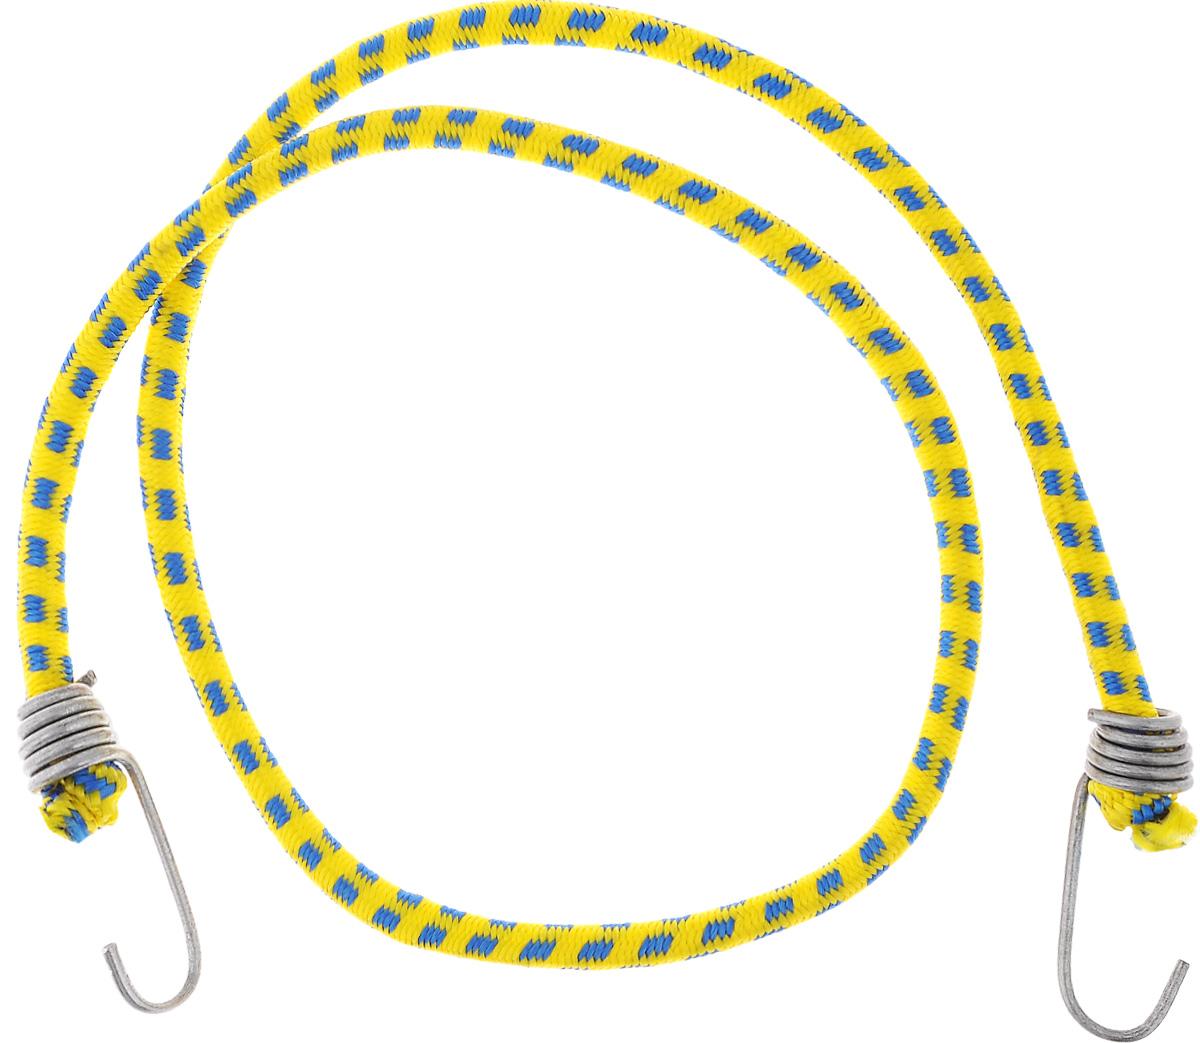 Резинка багажная МастерПроф, с крючками, цвет: желтый, синий, 0,10 х 110 см. АС.020023АС.020023_желтыйБагажная резинка МастерПроф, выполненная из синтетического каучука, оснащена специальными металлическими крюками, которые обеспечивают прочное крепление и не допускают смещения груза во время его перевозки. Применяется для закрепления предметов к багажнику. Такая резинка позволит зафиксировать как небольшой груз, так и довольно габаритный. Материал: синтетический каучук. Температура использования: -15°C до +50°C. Безопасное удлинение: 60%. Диаметр резинки: 0,10 см. Длина резинки: 110 см.